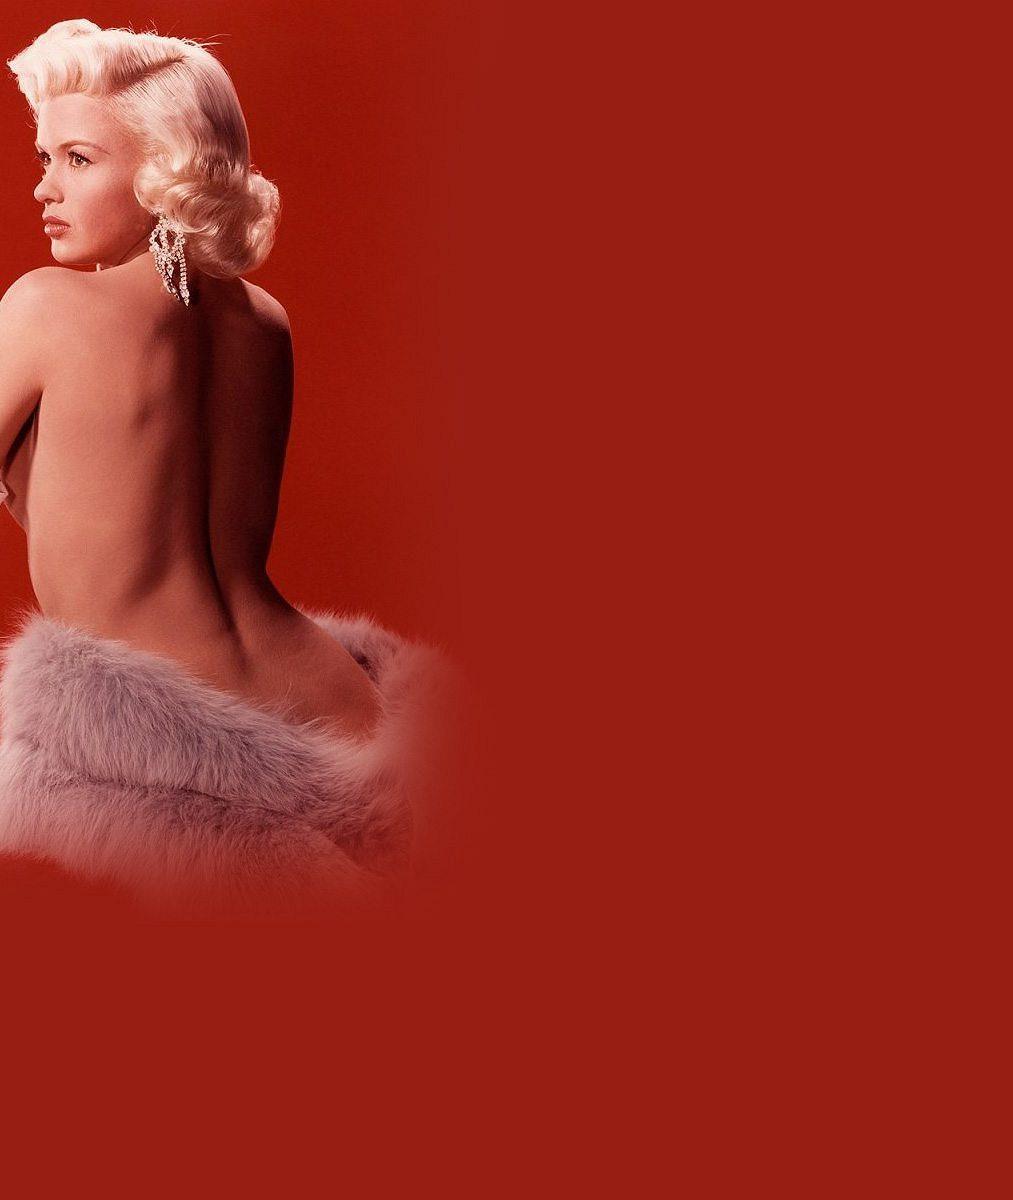 3nejhanbatější fotky platinové sexbomby (✝34), která se toužila podobat Marilyn azabila se vautě